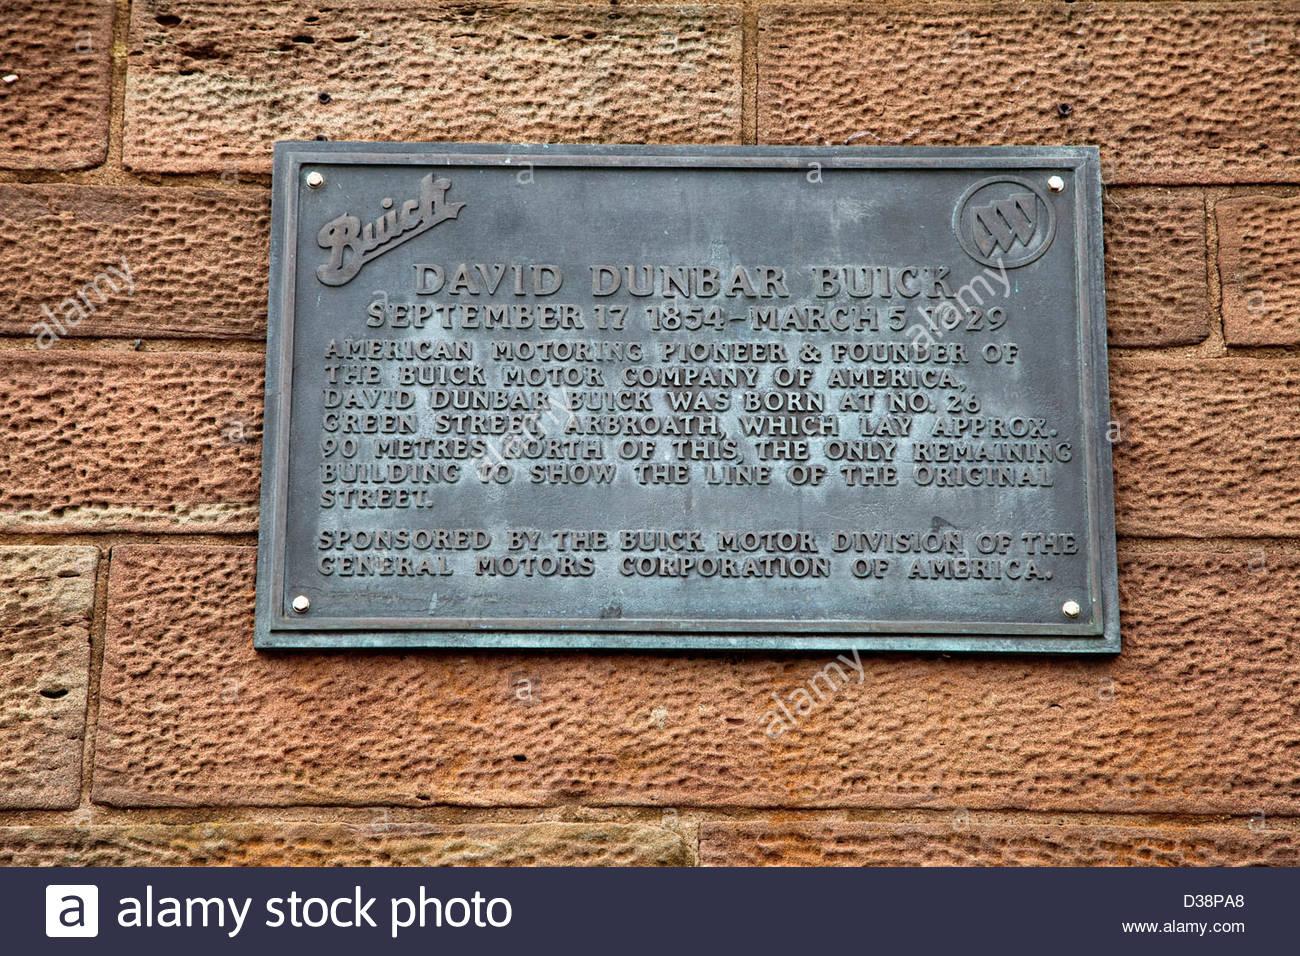 Gedenktafel am Gebäude in Arbroath feiert Geburtsort von David Dunbar Buick - Pionier und Gründer der Stockbild